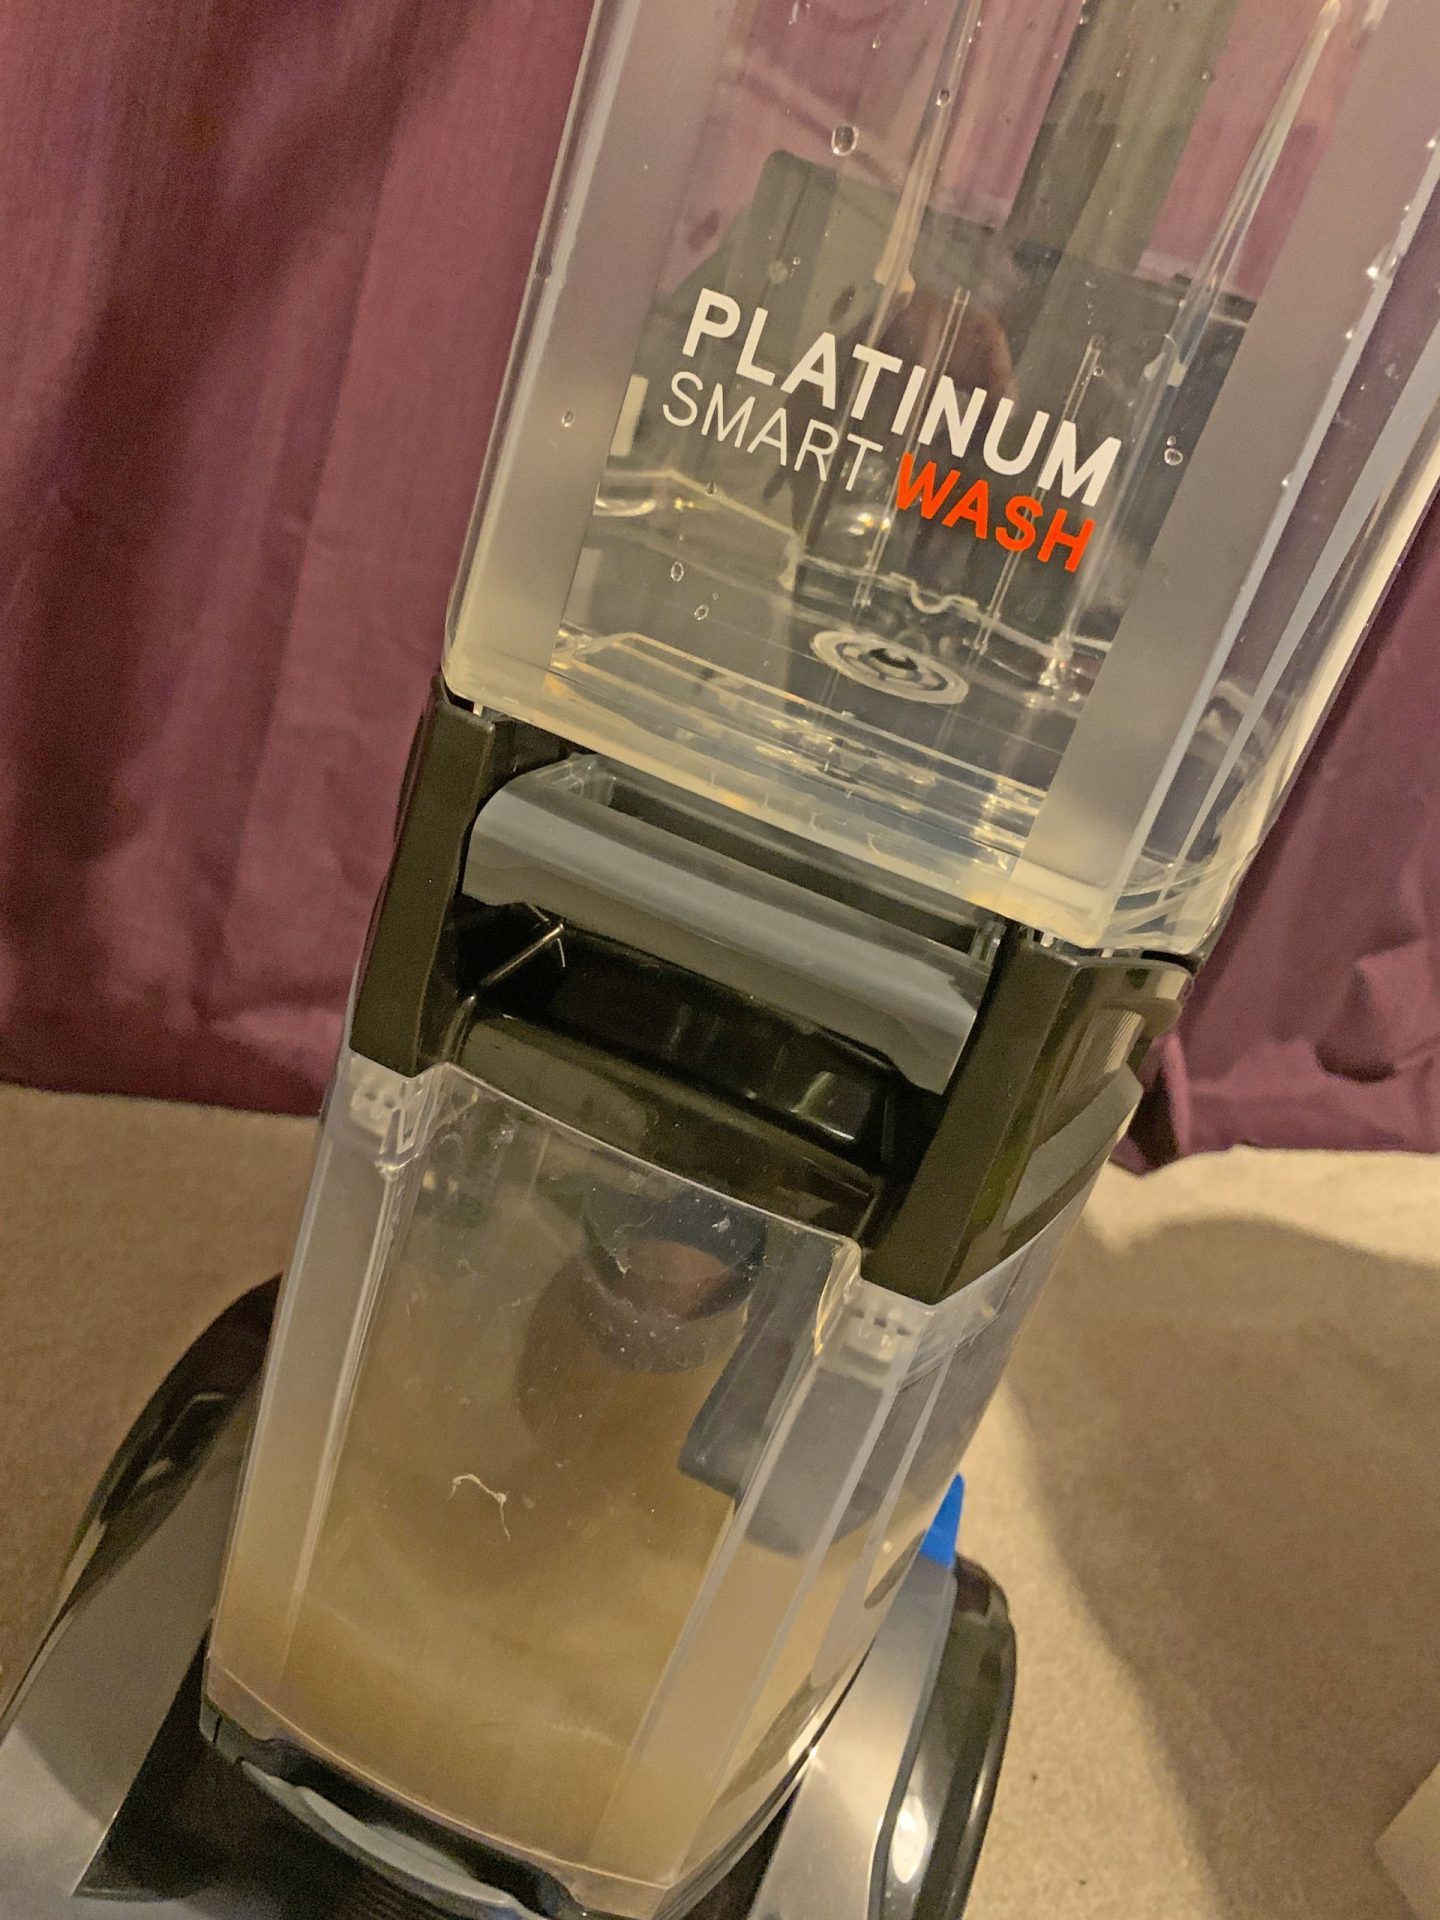 Vax Platinum SmartWash